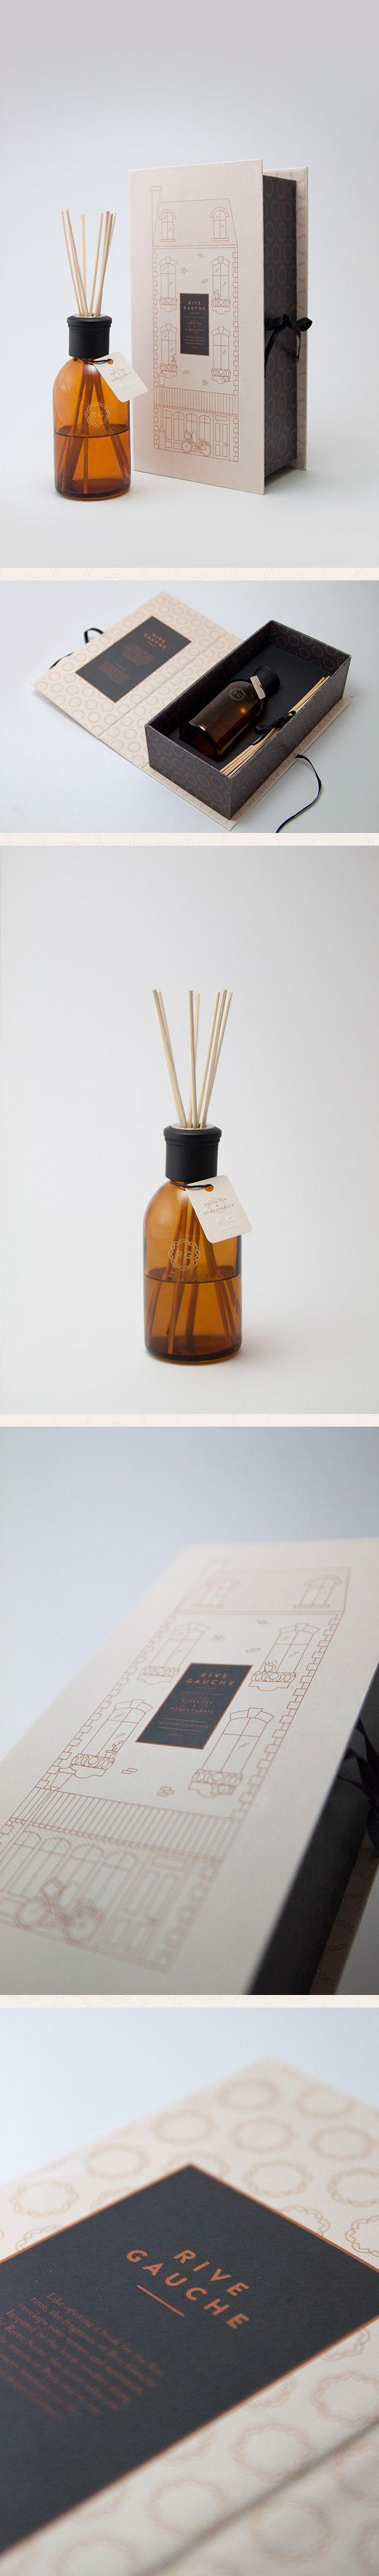 Die besten 25 Rive gauche perfume Ideen auf Pinterest